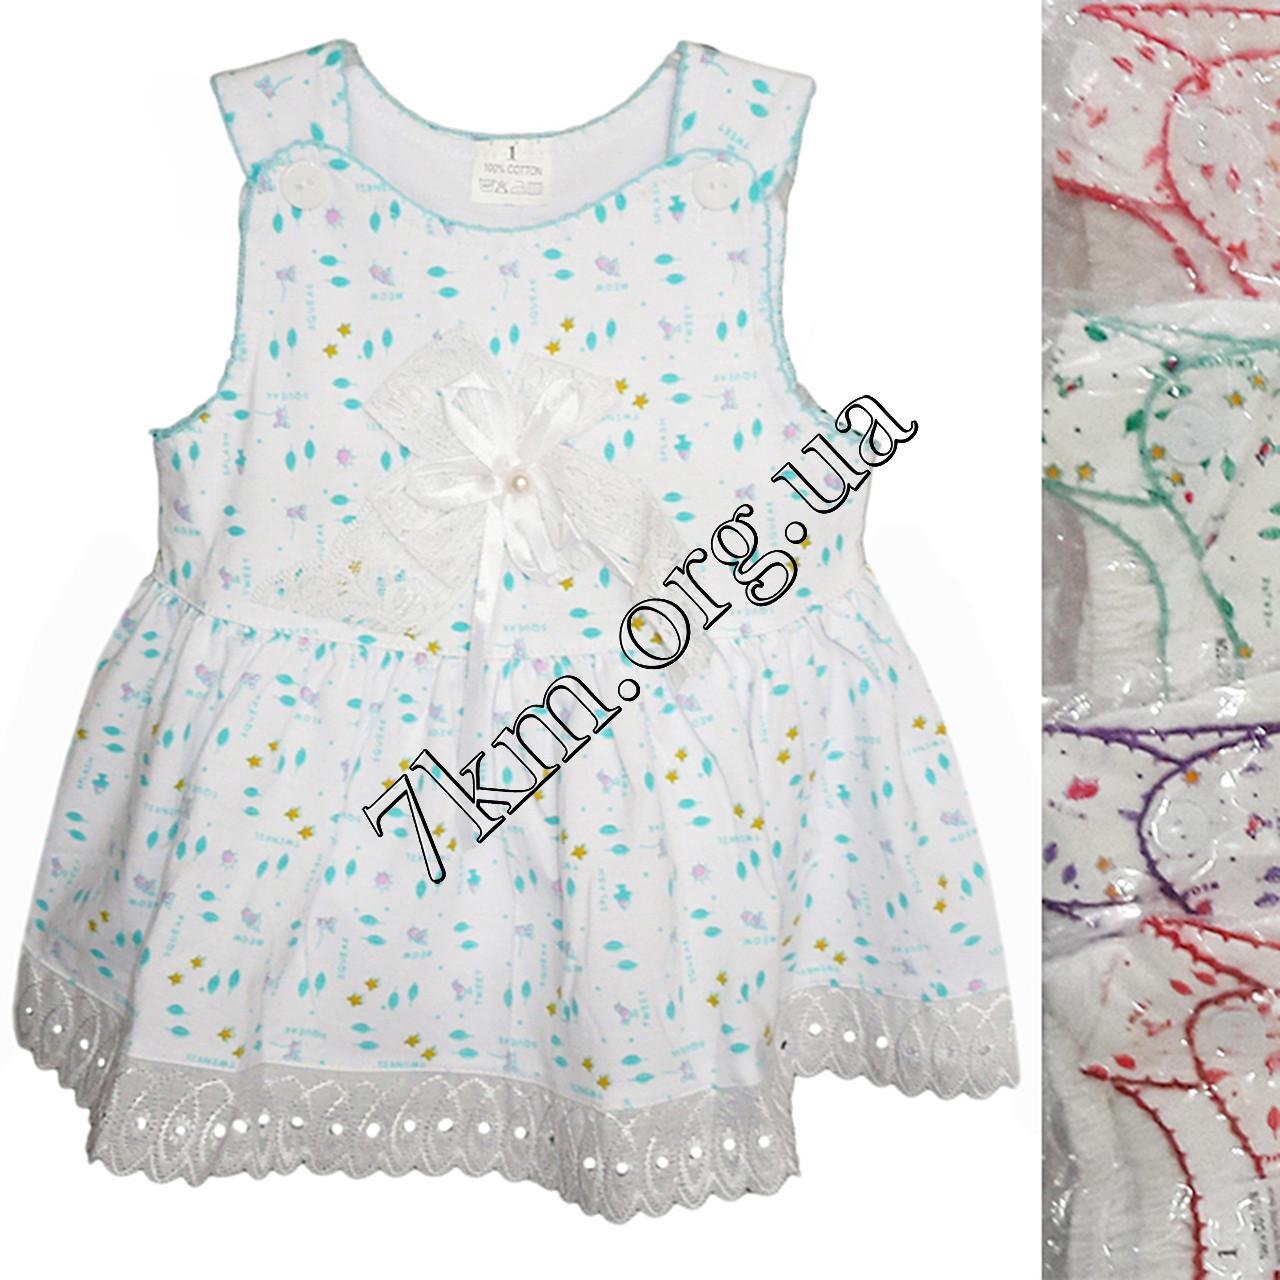 Платье с трусиками трикотаж 6-24 месяца Оптом 020521